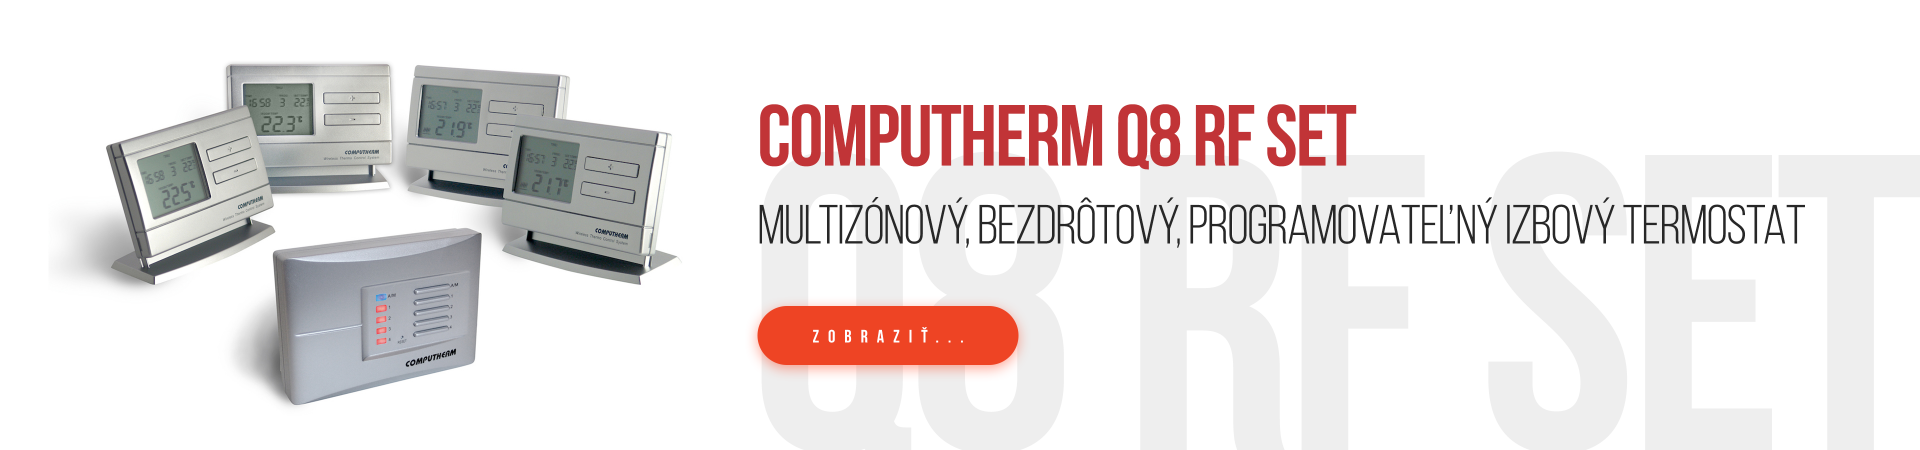 http://www.termostatshop.sk/multizonovy-bezdrotovy-programovatelny-izbovy-termostat